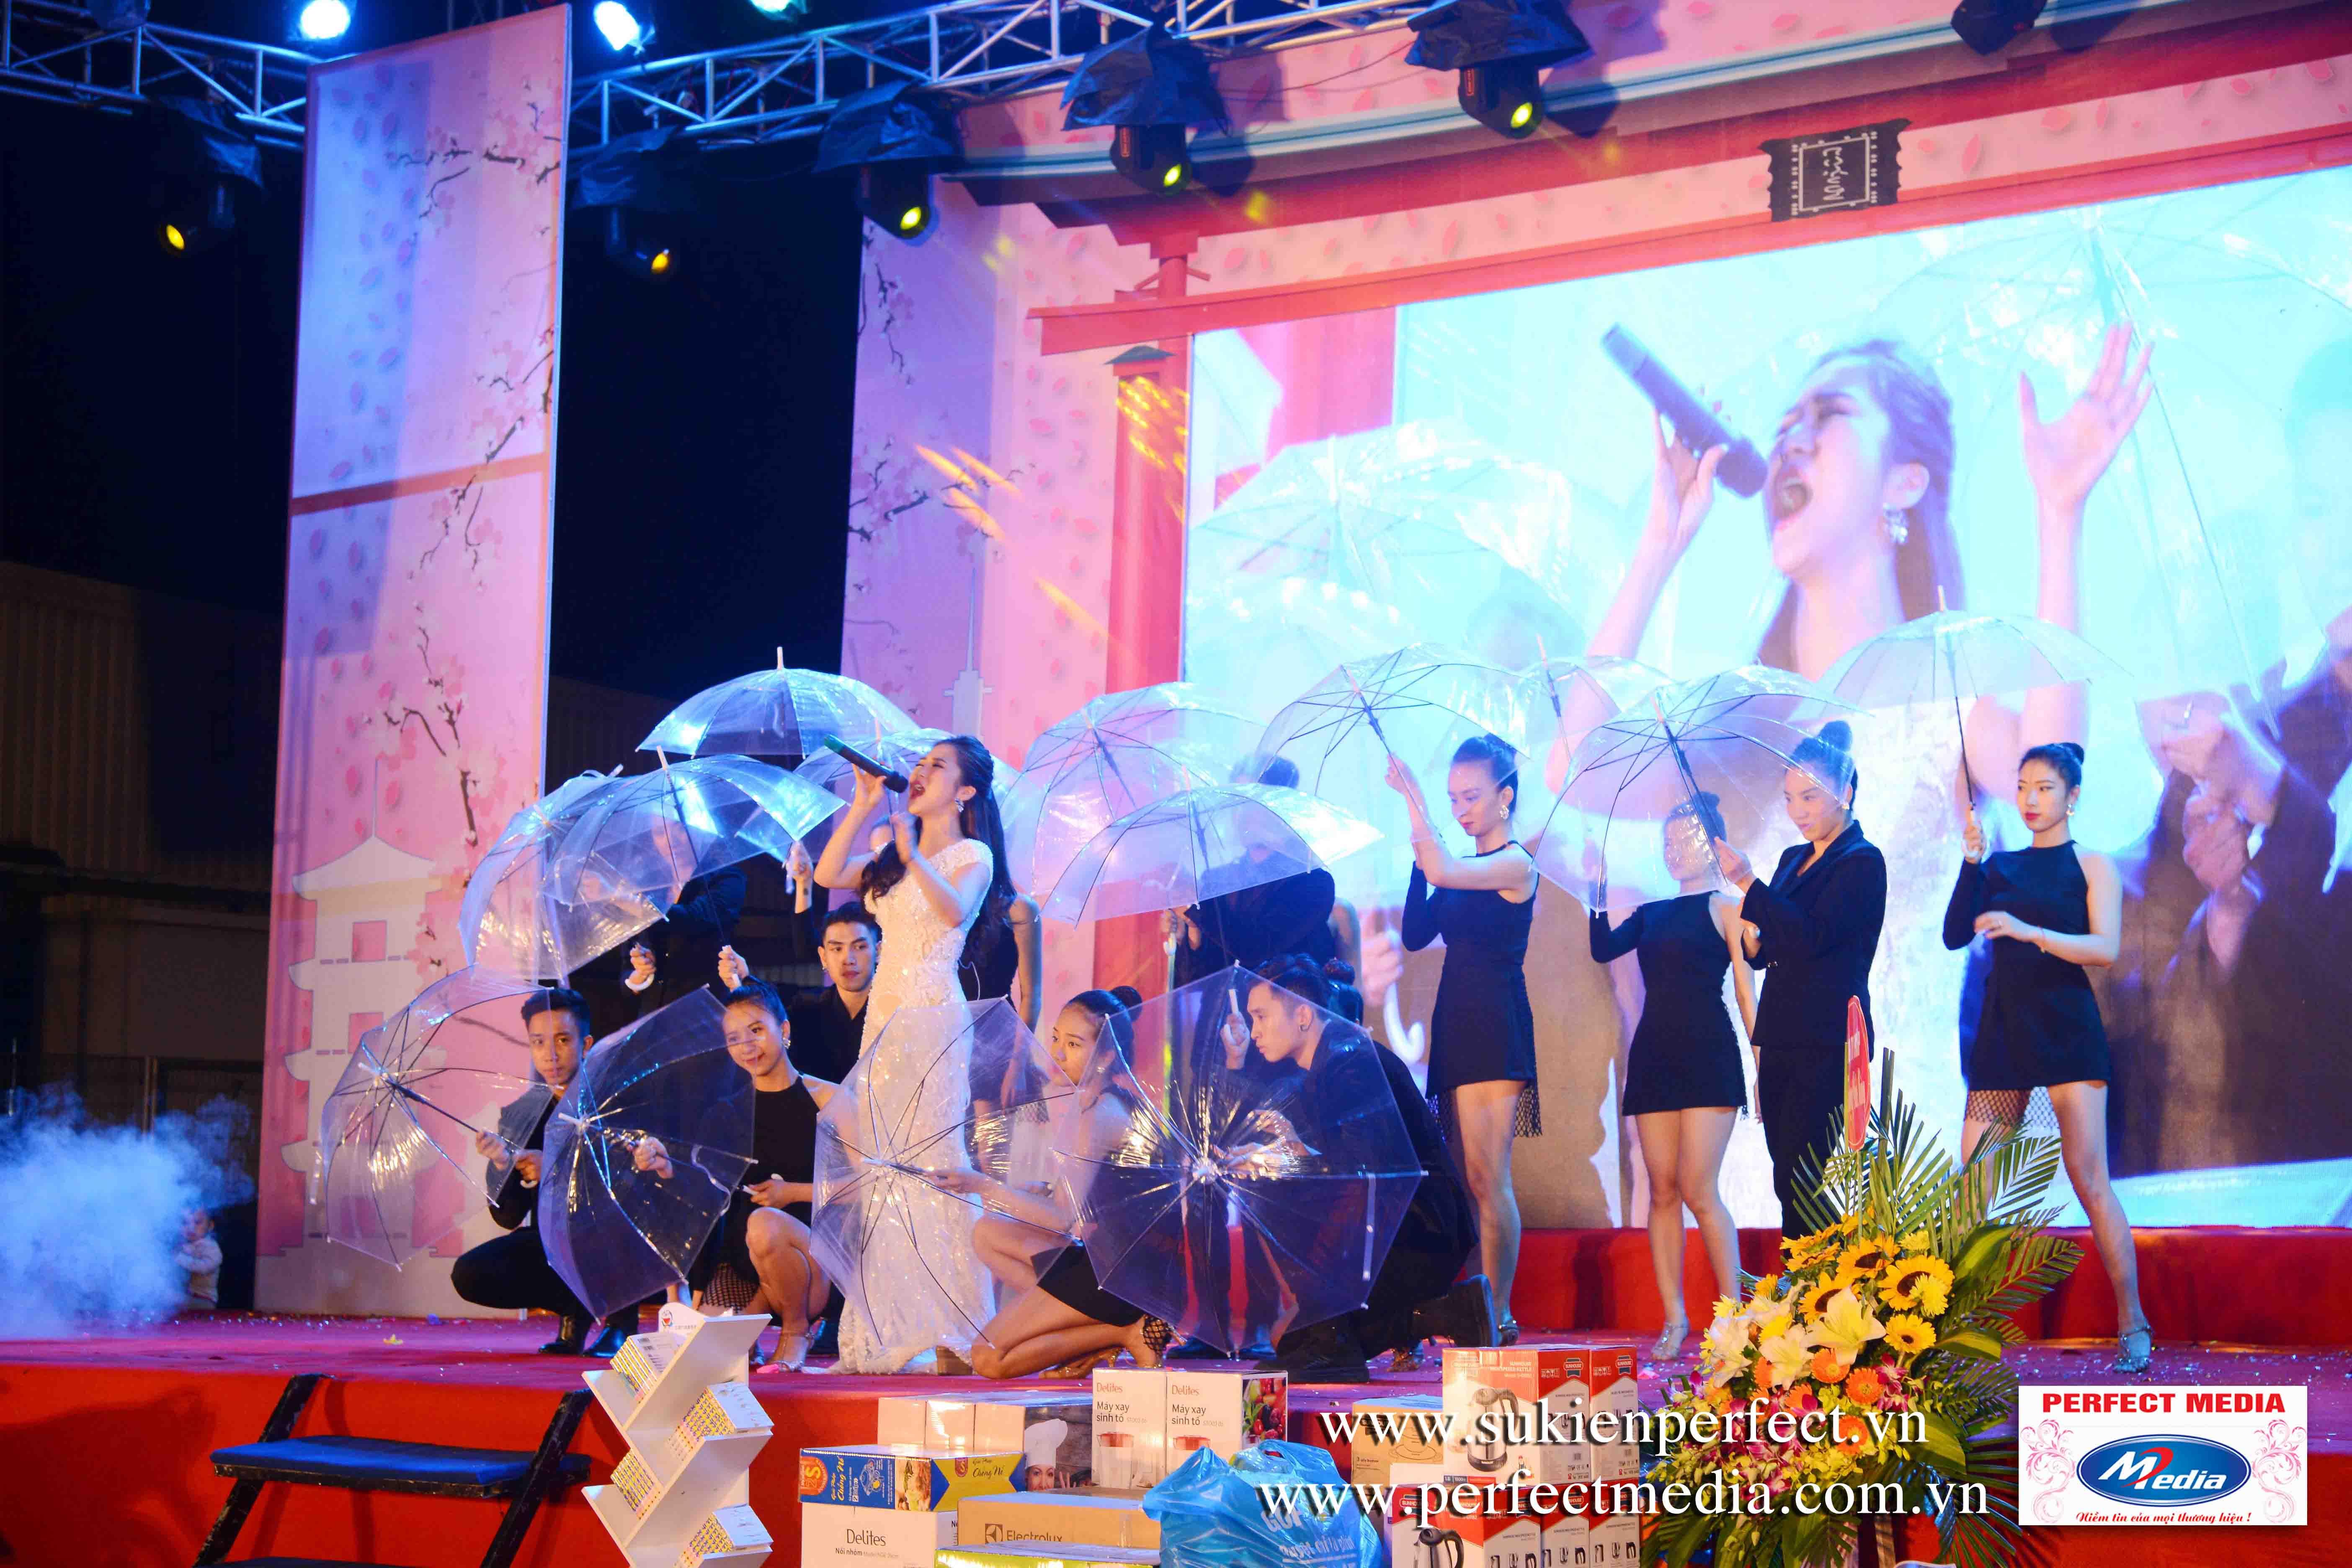 dịch vụtổ chức sự kiện ngày hội Gia đình tại Hà Nội